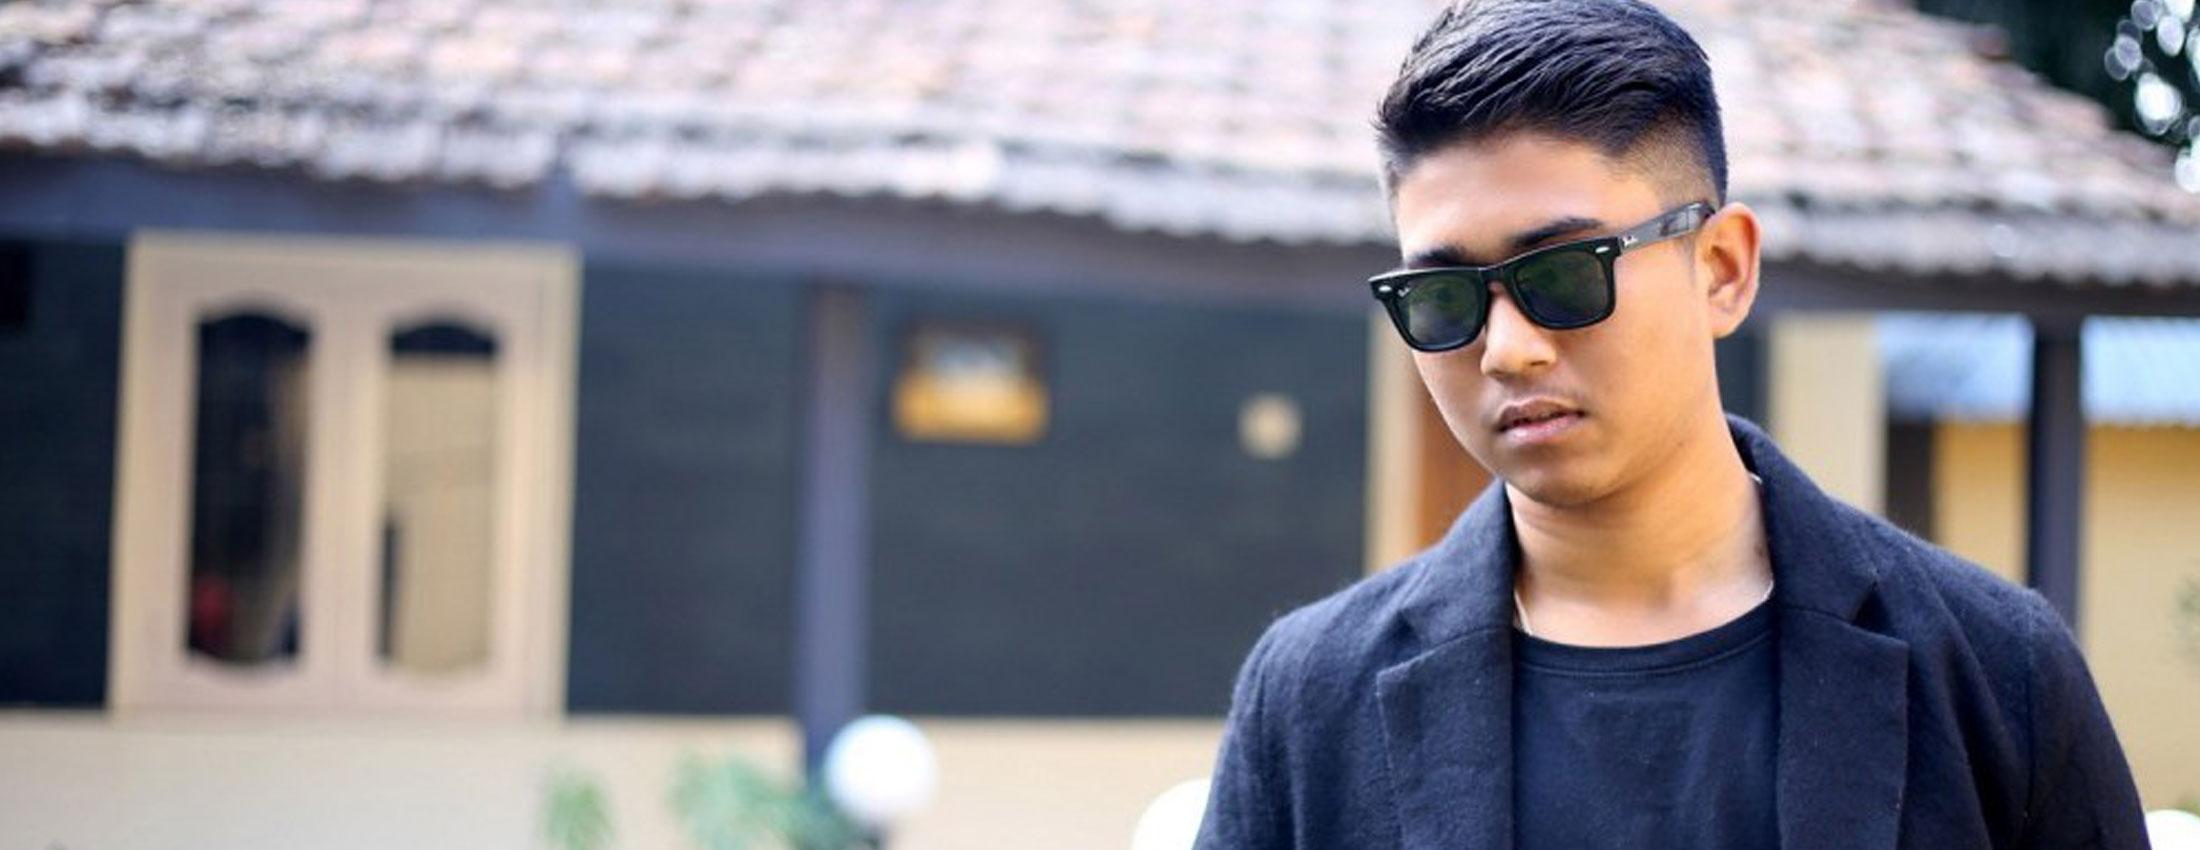 PCP Boys - Imgstock, Biratnagar